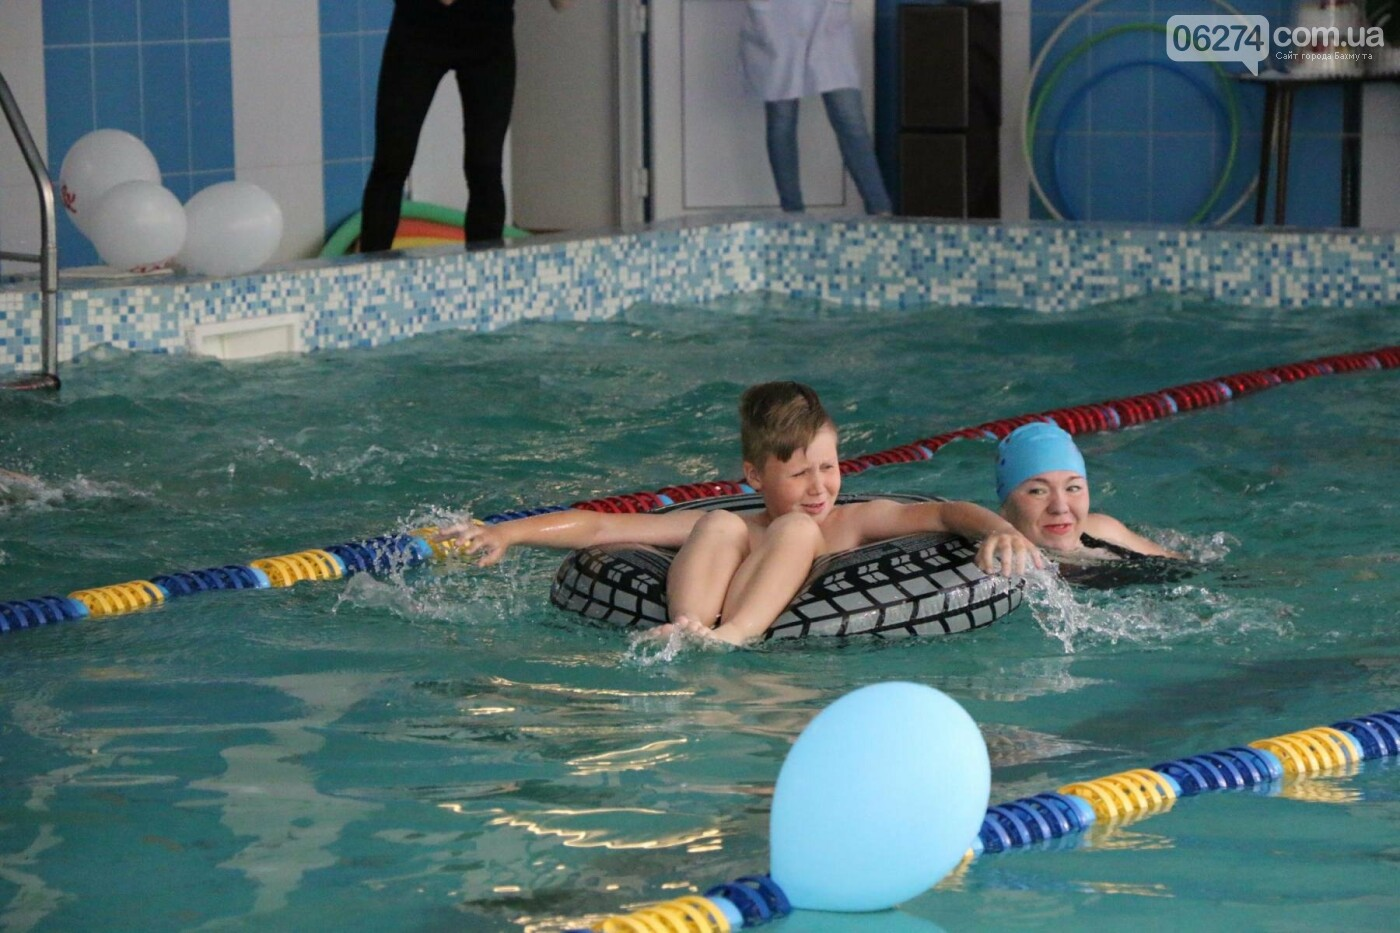 В Бахмуте ко Дню матери и Дню семьи провели семейный заплыв, фото-8